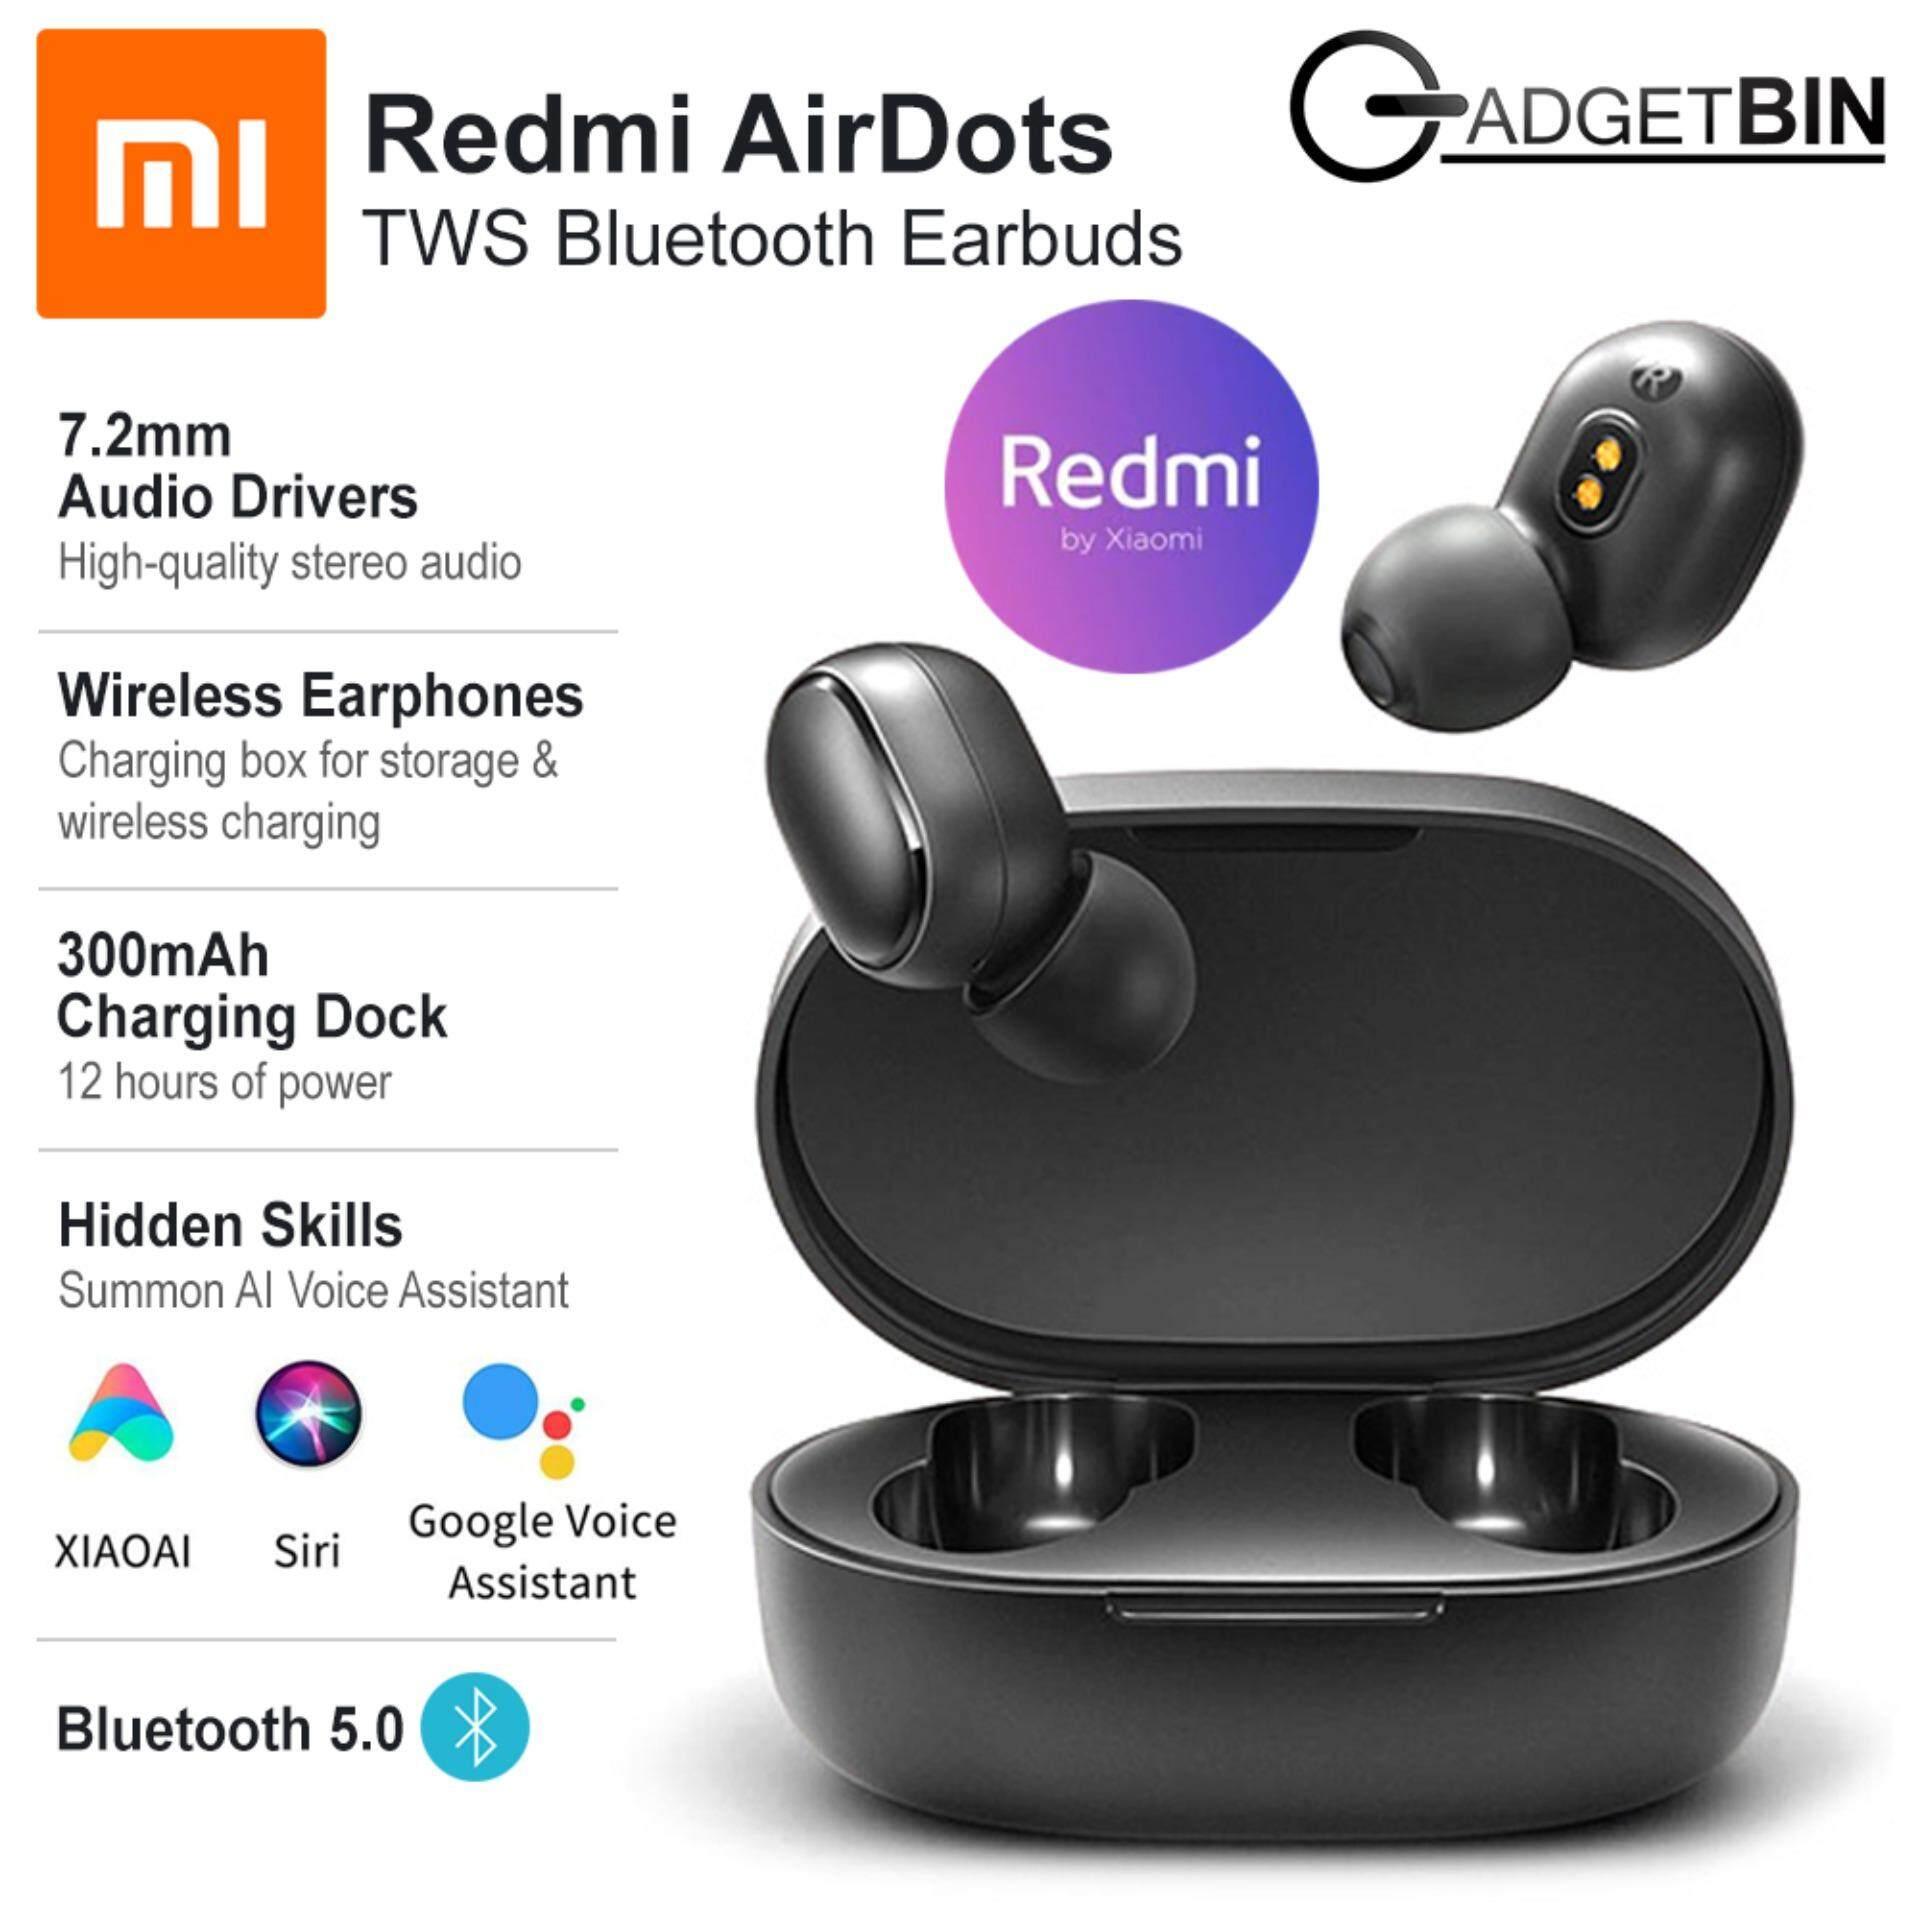 Xiaomi Mi Redmi Airdots หูฟังบลูทูธไร้สายอัจฉริยะ สเตอริโอบลูทูธ 5.0 ชุดหูฟังขนาดเล็กพร้อมไมโครโฟนหูฟัง.